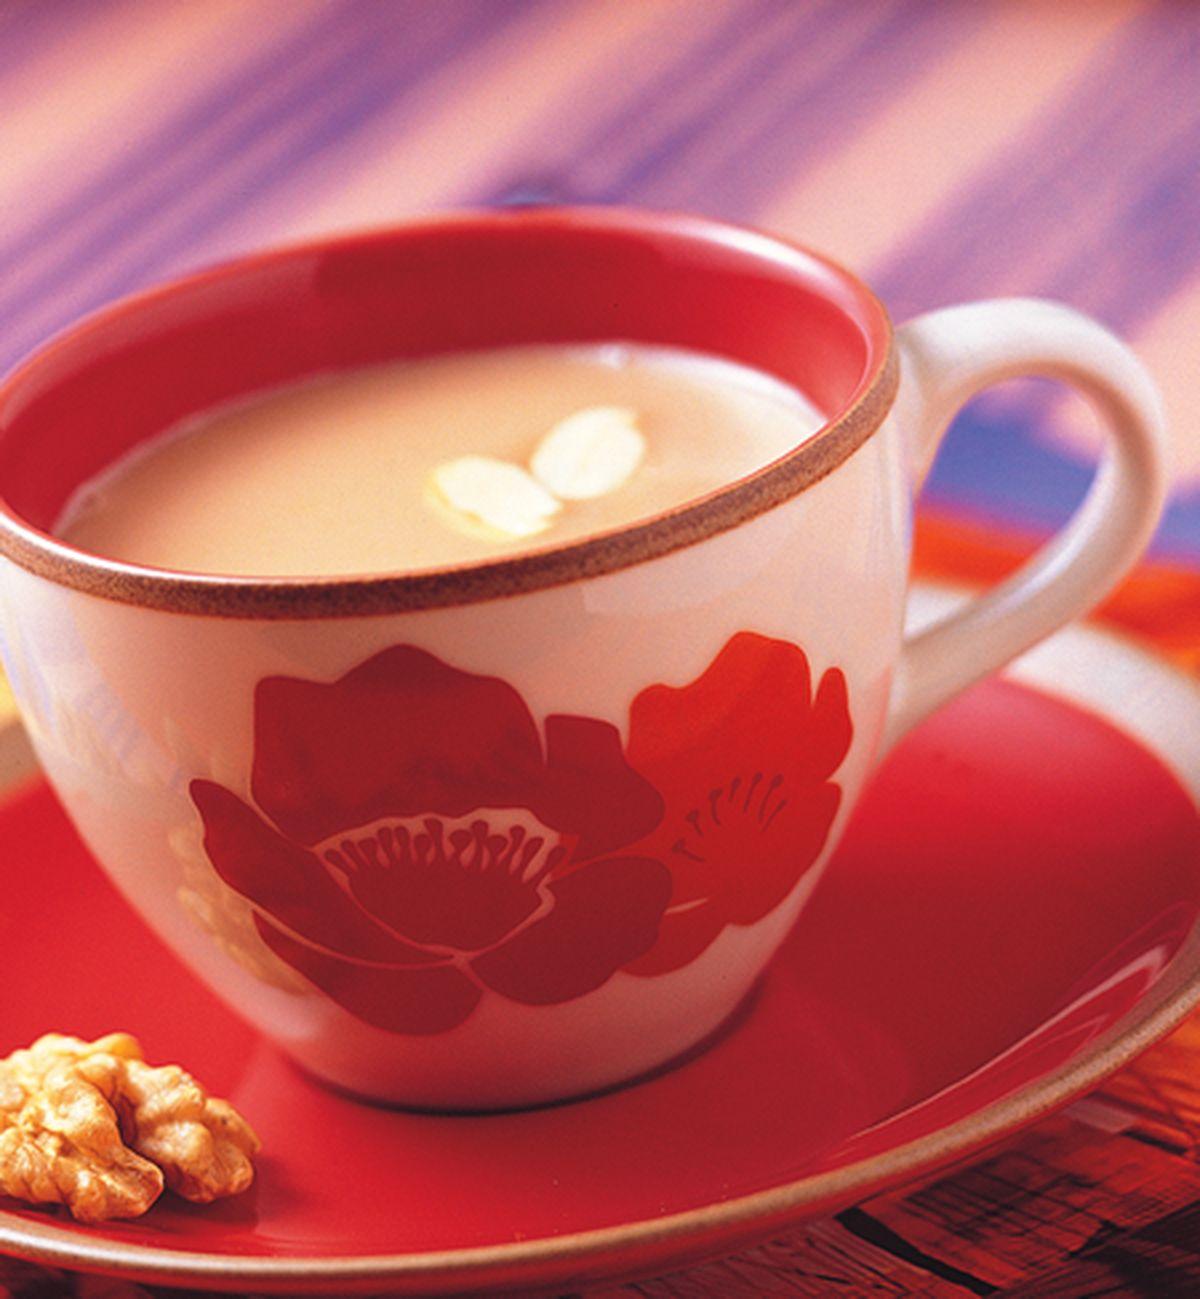 食譜:熱榛果奶茶